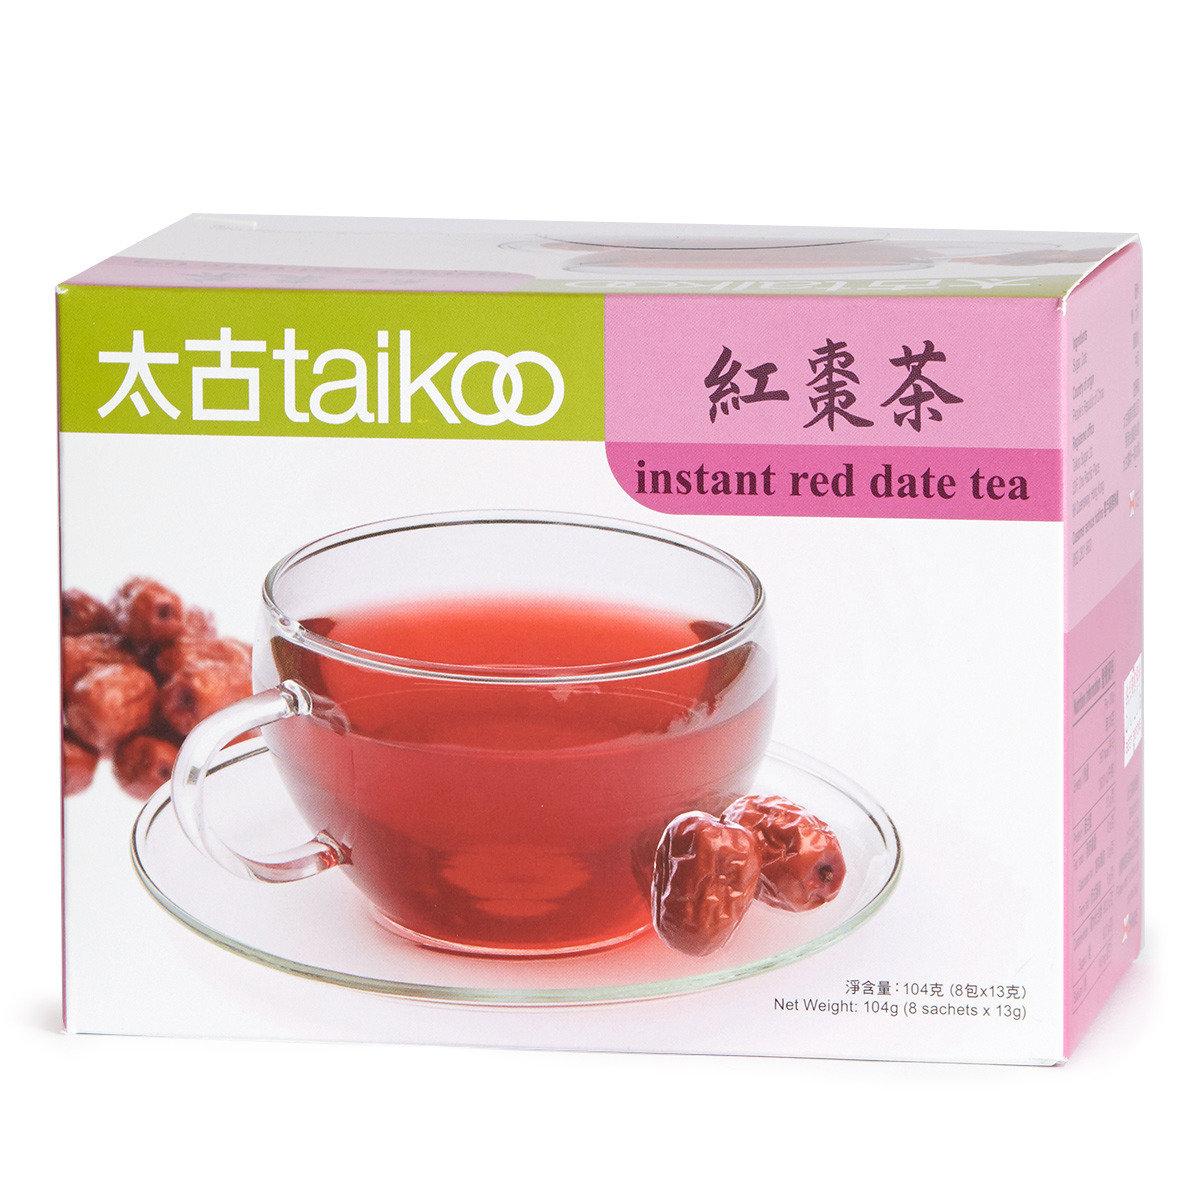 紅棗茶(賞味期限: 31/12/2016)